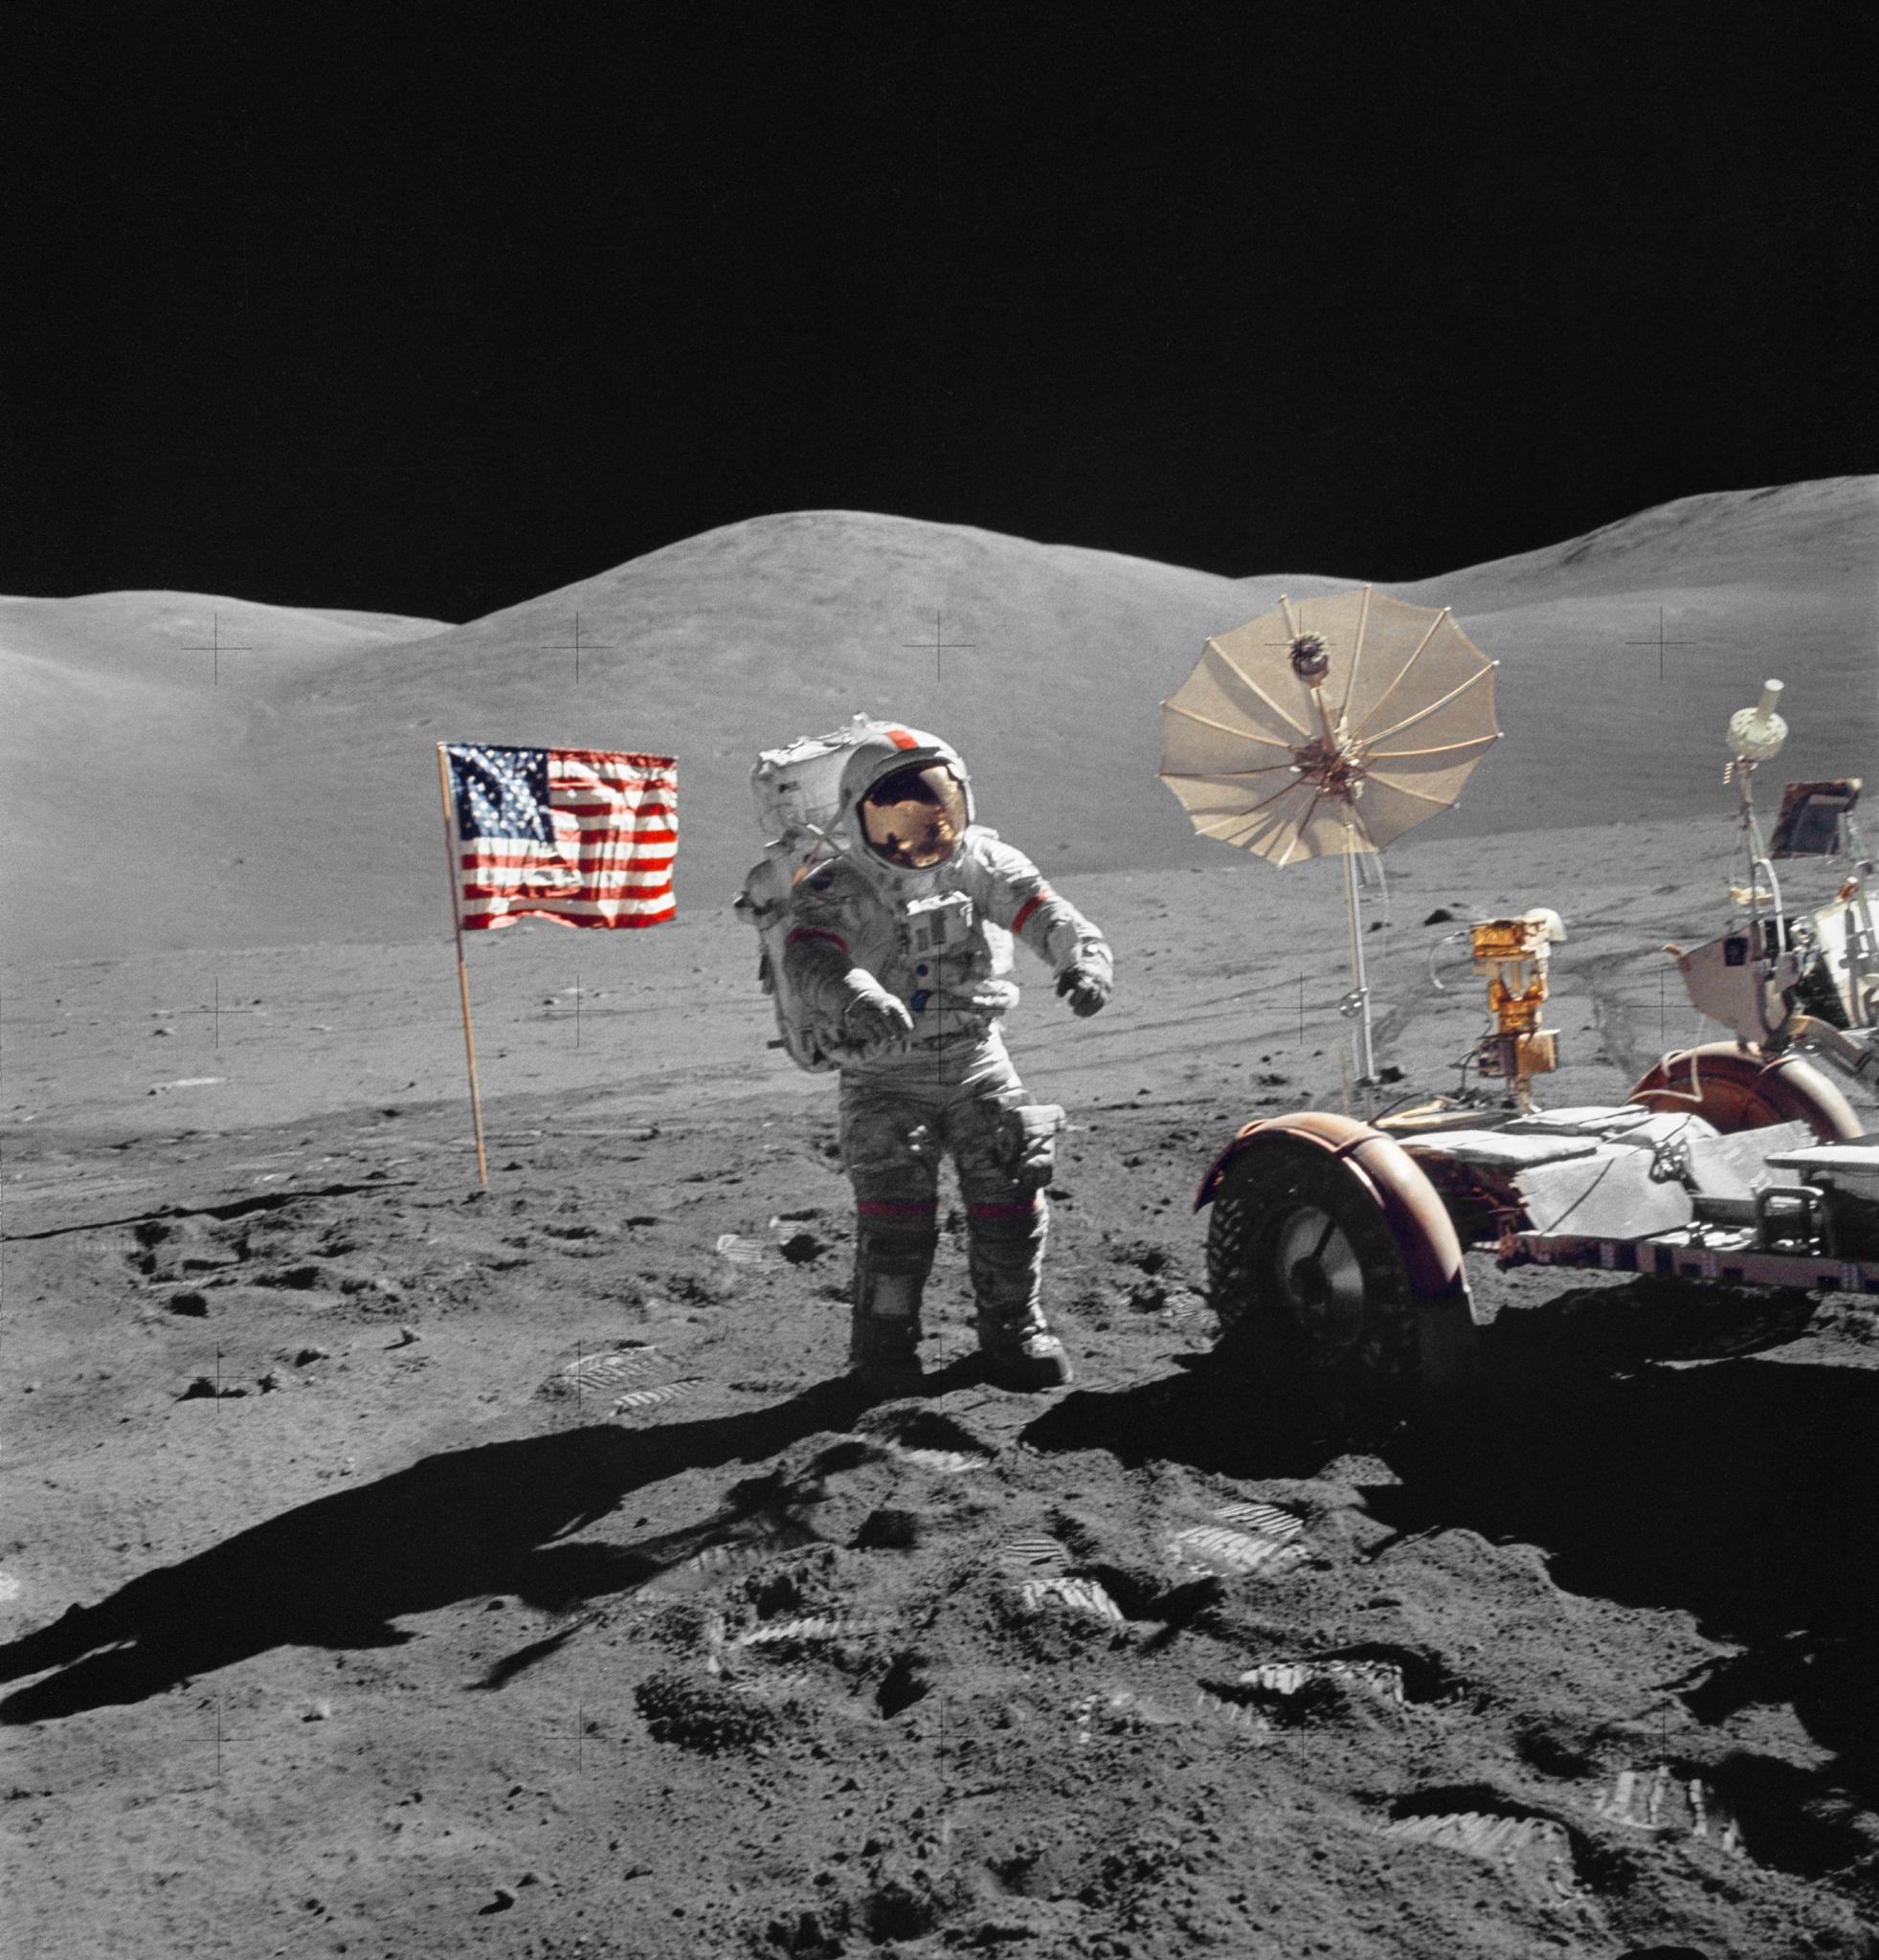 Astronaut and buggy on moon (NASA)